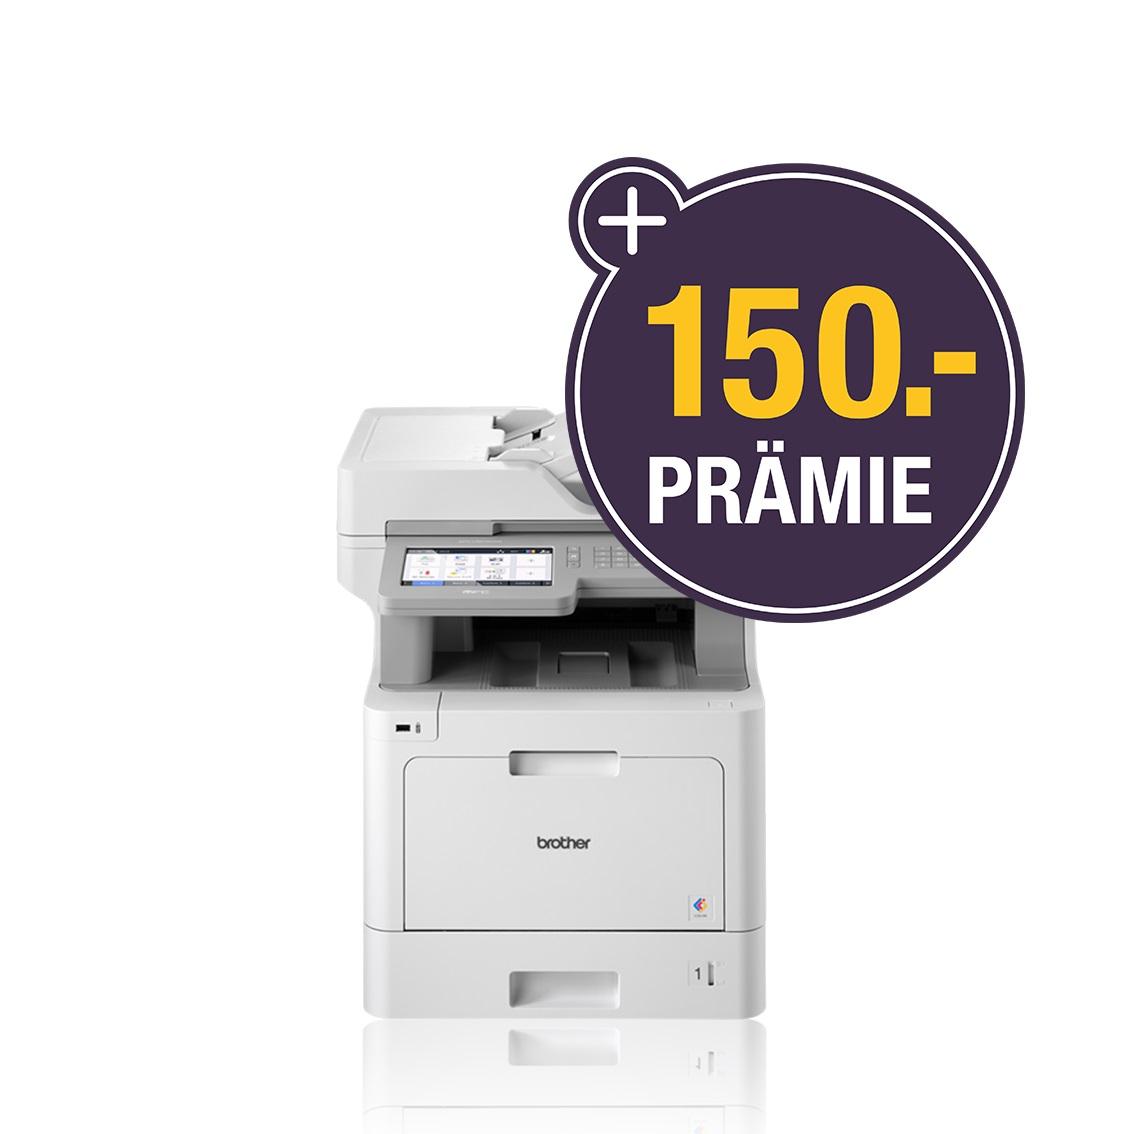 Brother MFC-L9570CDW, Farblaser Drucker, A4, Drucken, Scannen, Kopieren, Fax, Duplex